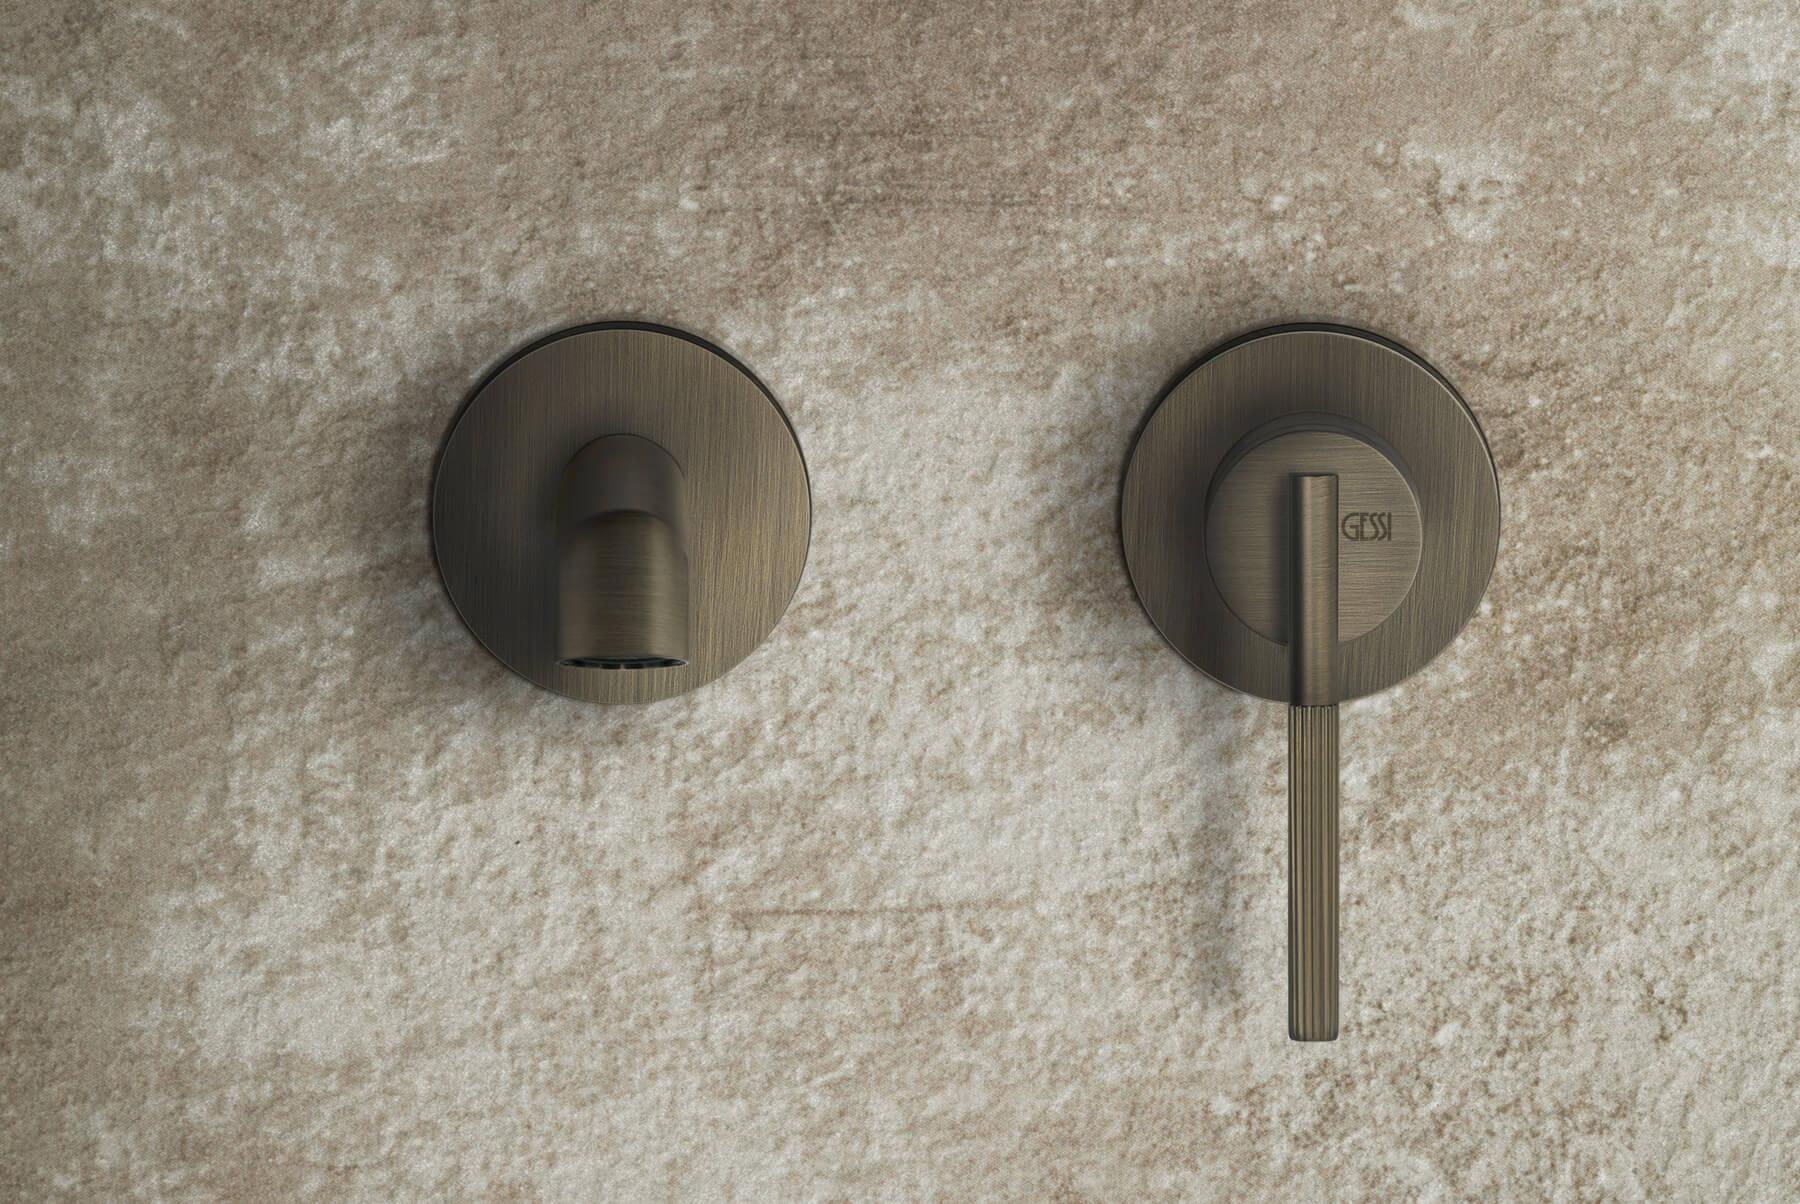 Brassware-GESSI-Ingranaggio-inset-6-1800x1204